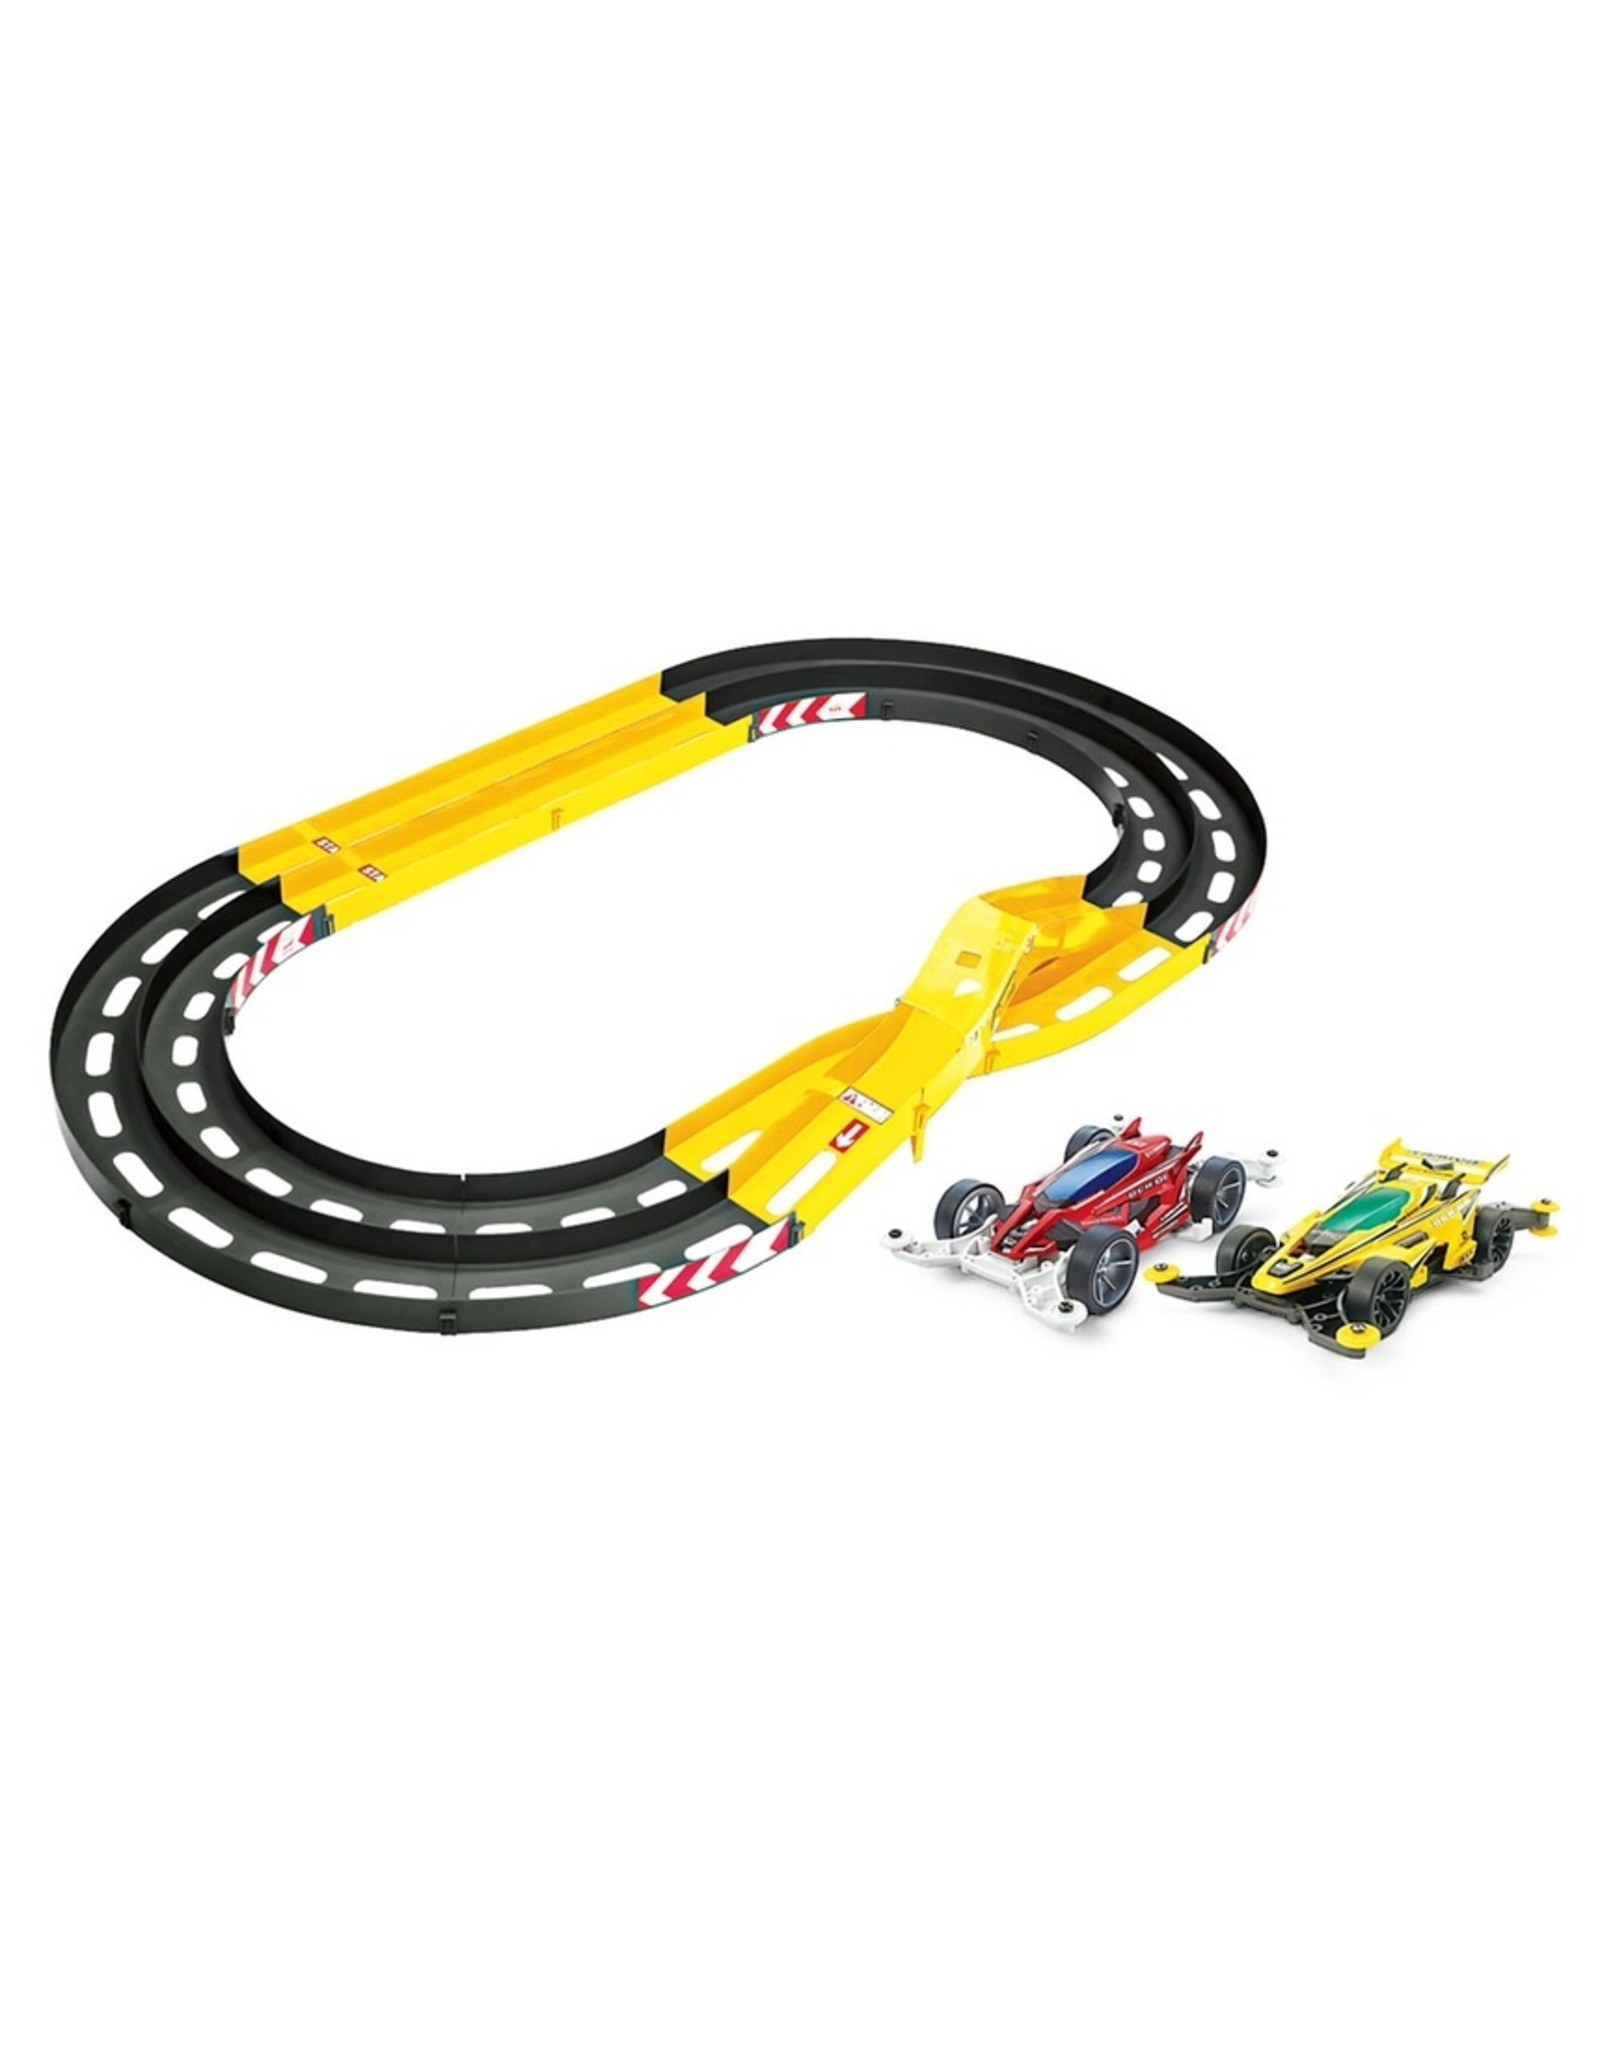 Tamiya Jr Oval Home Circuit 2 Level Lane Change/Dcr-01/02